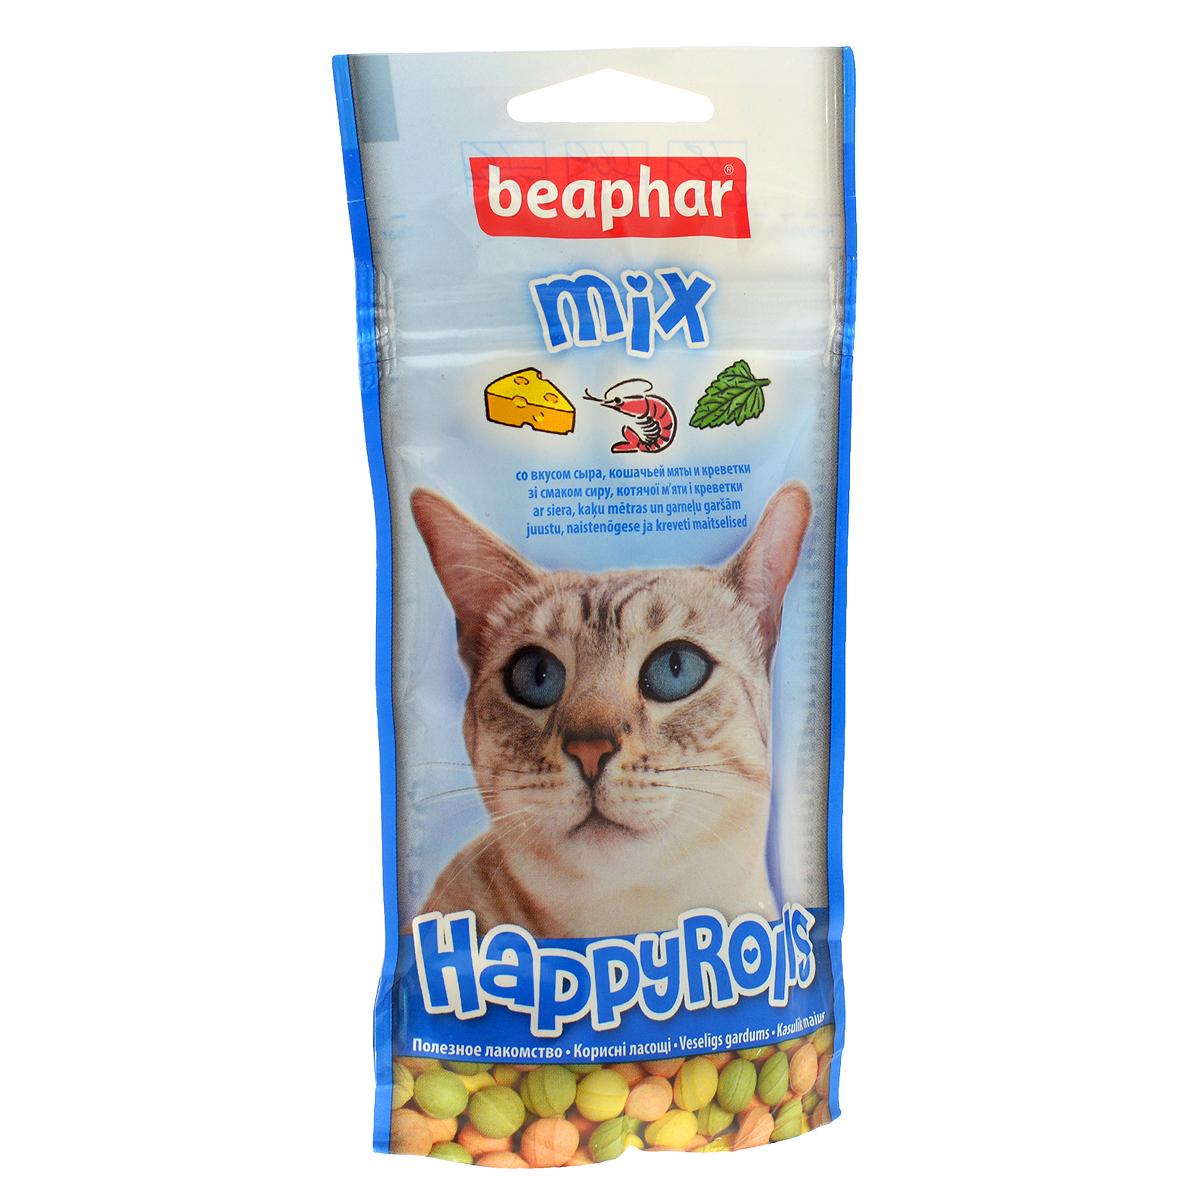 Лакомство для кошек Beaphar Happy Rolls Mix, цвет: синий, 80 шт13184_синийЛакомство Beaphar Happy Rolls Mix с креветками, сыром и кошачьей мятой для кошек очень вкусно и полезно. Оно содержит витамины, минералы и микроэлементы. Улучшает настроение, а также помогает уберечь кошку от стрессов. Применяется в качестве лакомства для кошек, начиная с 6-месячного возраста. Состав: молоко и молочные продукты, сахар, минералы, мясо и мясопродукты (более 4% ливер), рыба и рыбопродукты (более 4% креветок). Анализ: протеин (8,8%), жиры (2,8%), клетчатка (7,4%), зола (12,8%), влага (4,7%), кальций (1,8%), фосфор (1,3%), натрий (0,2%). Добавки: микрокристаллическая целлюлоза Е 460, стеарат кальция E 470. Количество в упаковке: 80 шт. Товар сертифицирован.